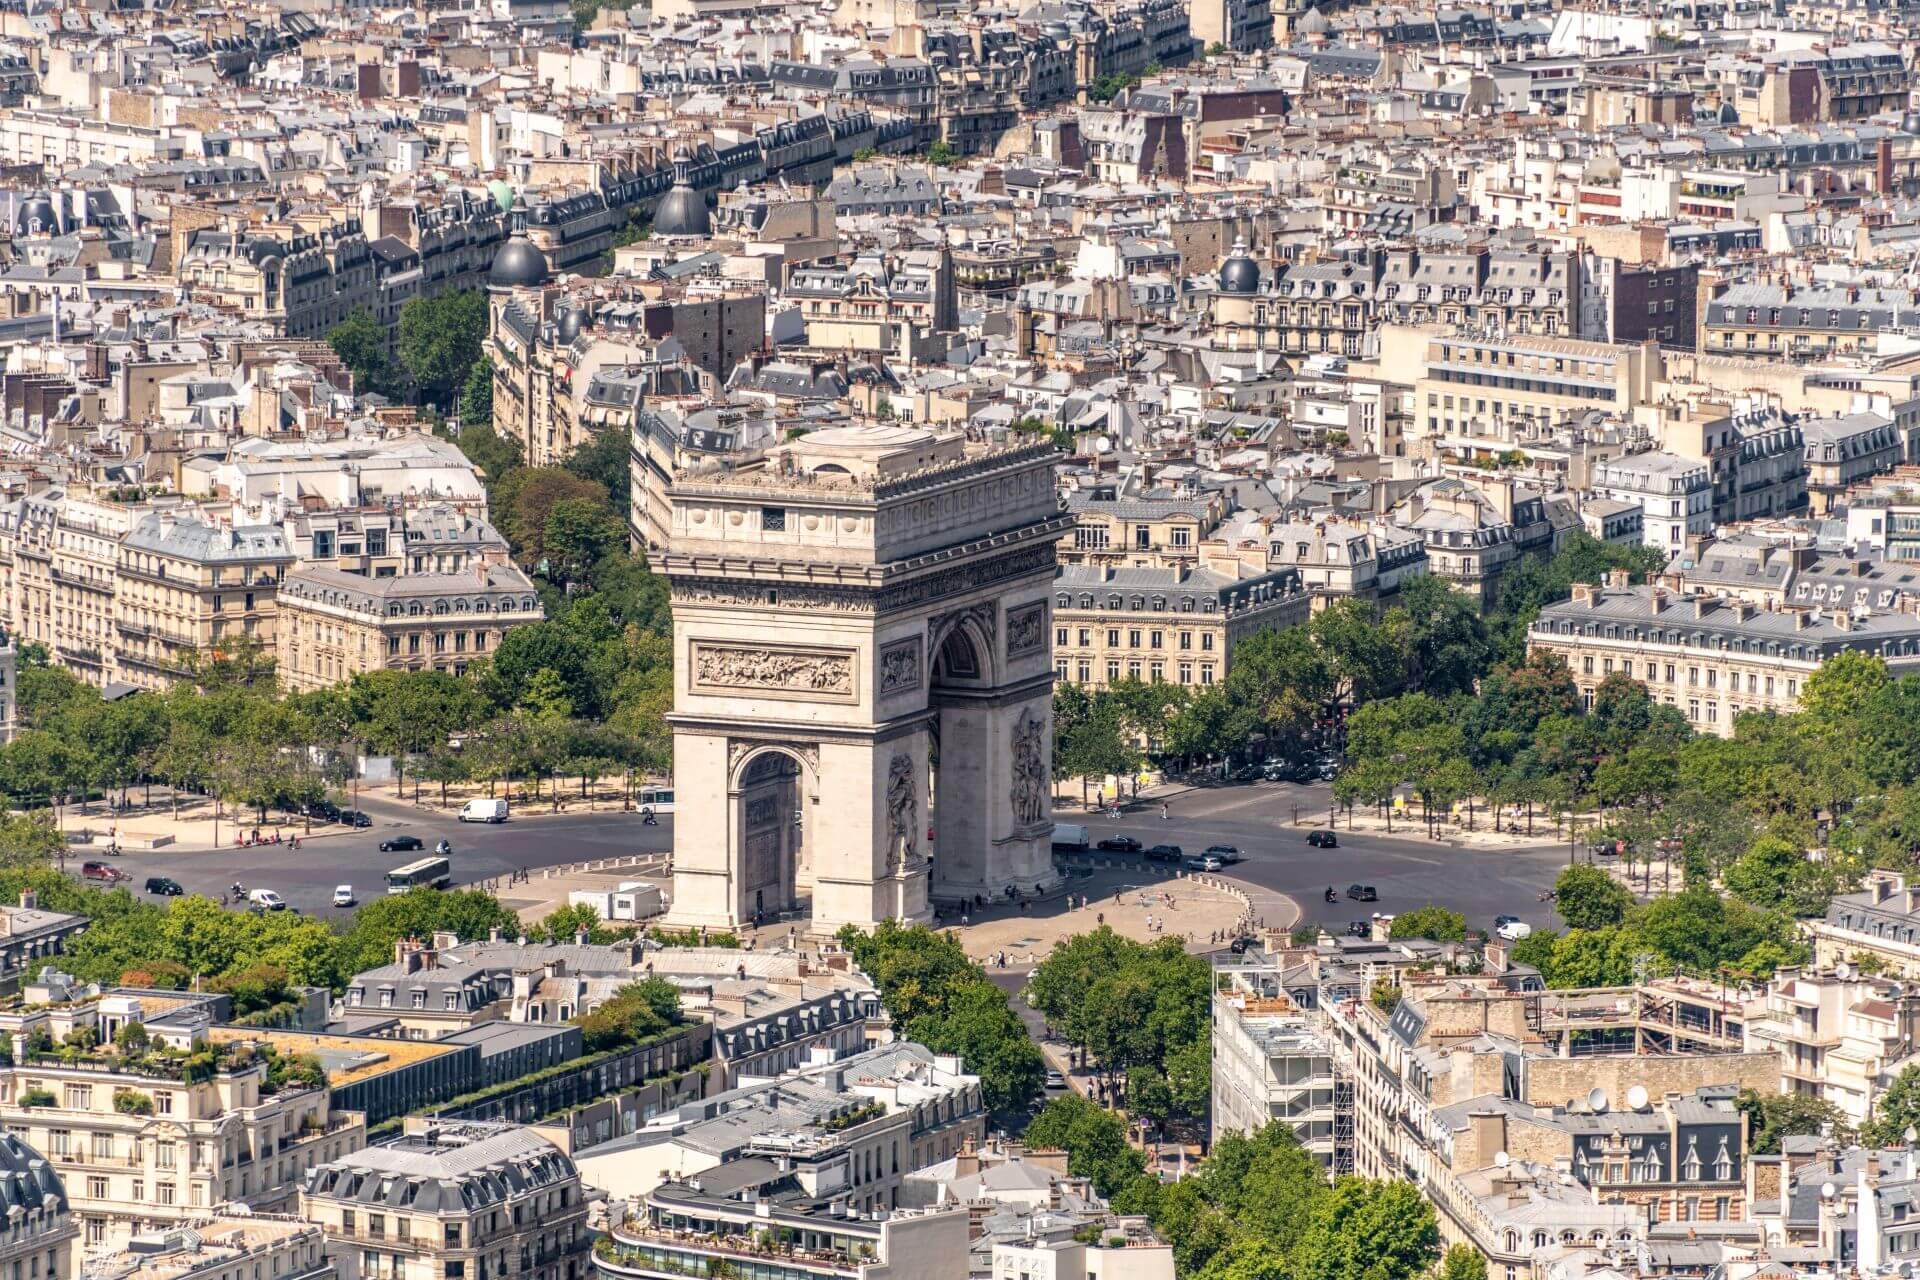 A wide shot of Arc de Triomphe.